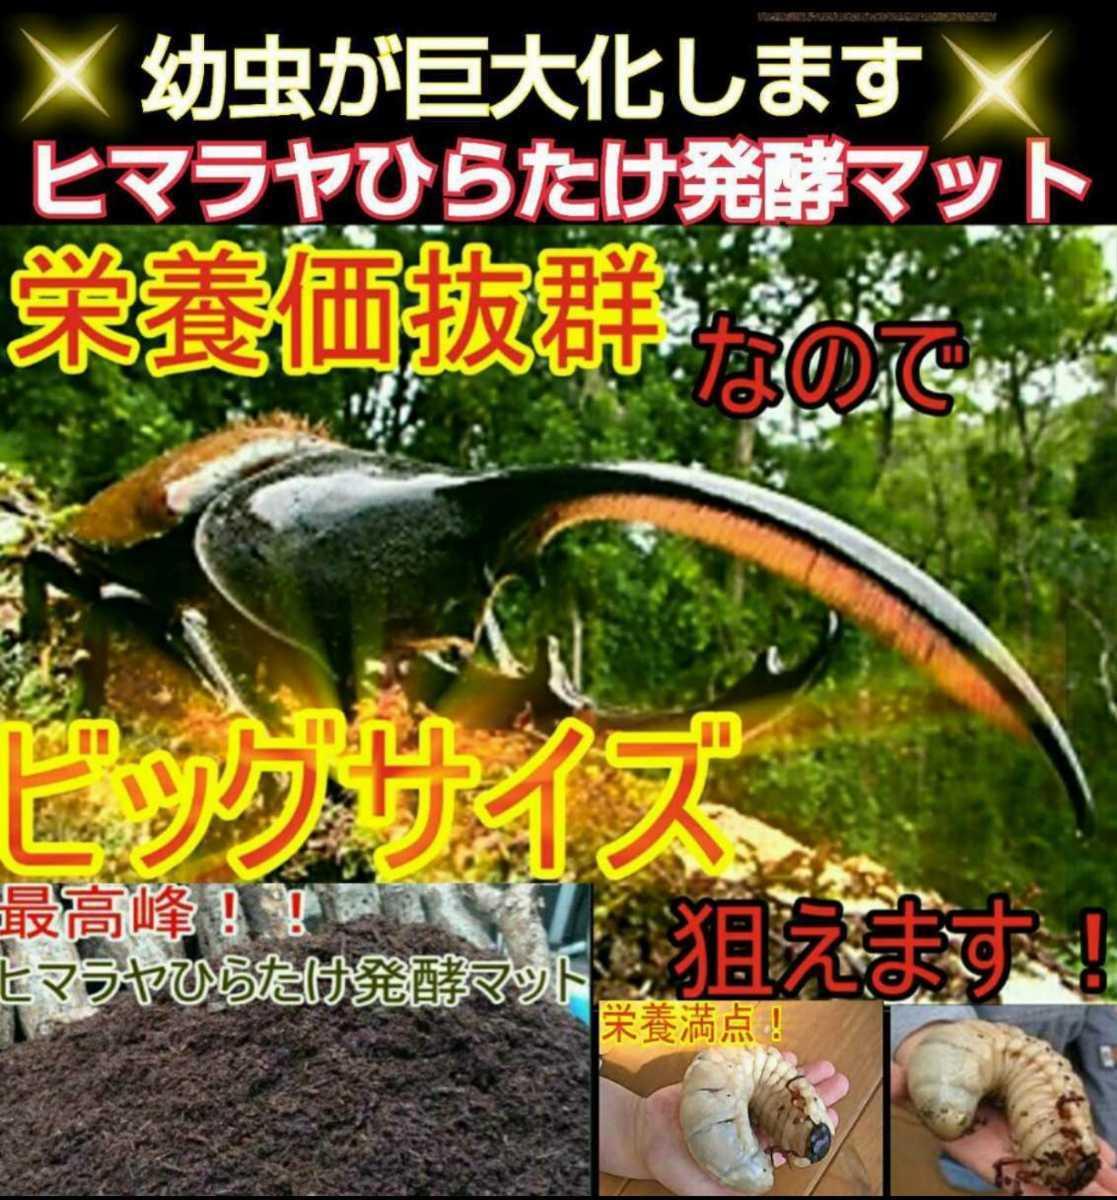 80リットル 幼虫がビッグサイズに!ヒマラヤひらたけ菌床発酵カブトムシマット!抜群の栄養価! クヌギ100% 幼虫の餌、産卵マットにも最高_画像5